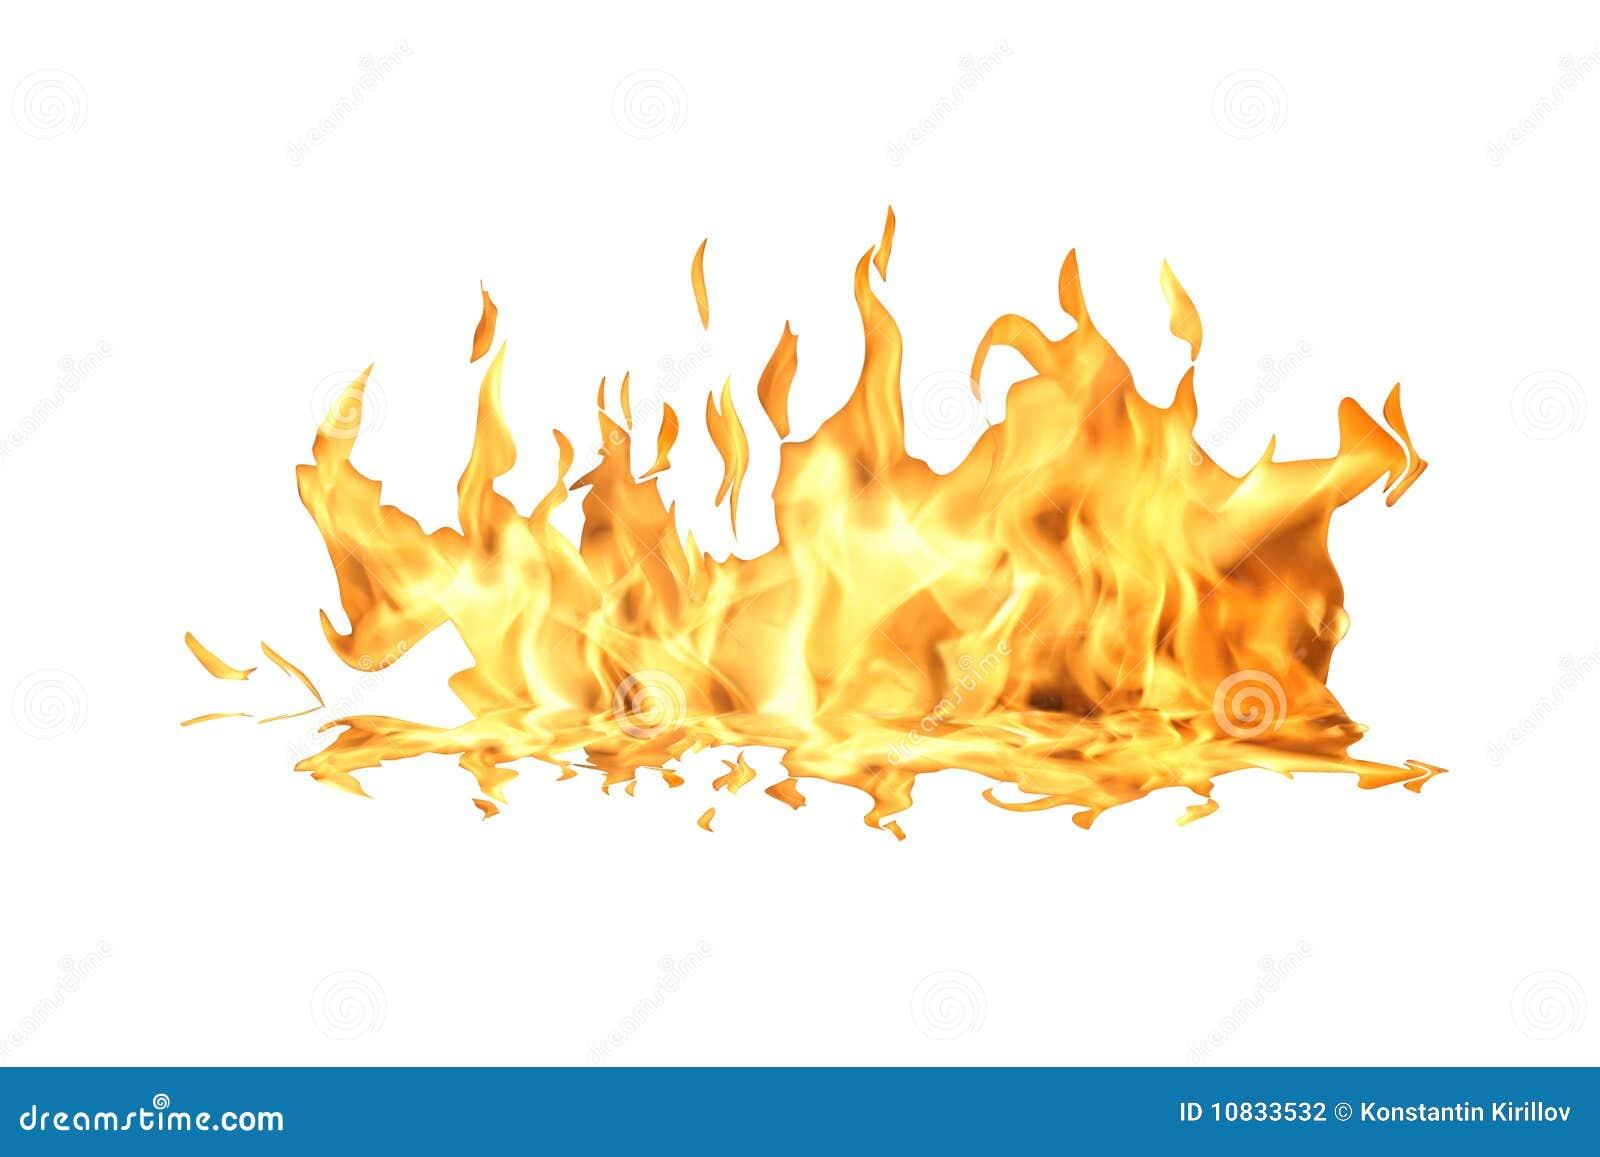 flamme d 39 incendie sur le blanc photo stock image du. Black Bedroom Furniture Sets. Home Design Ideas